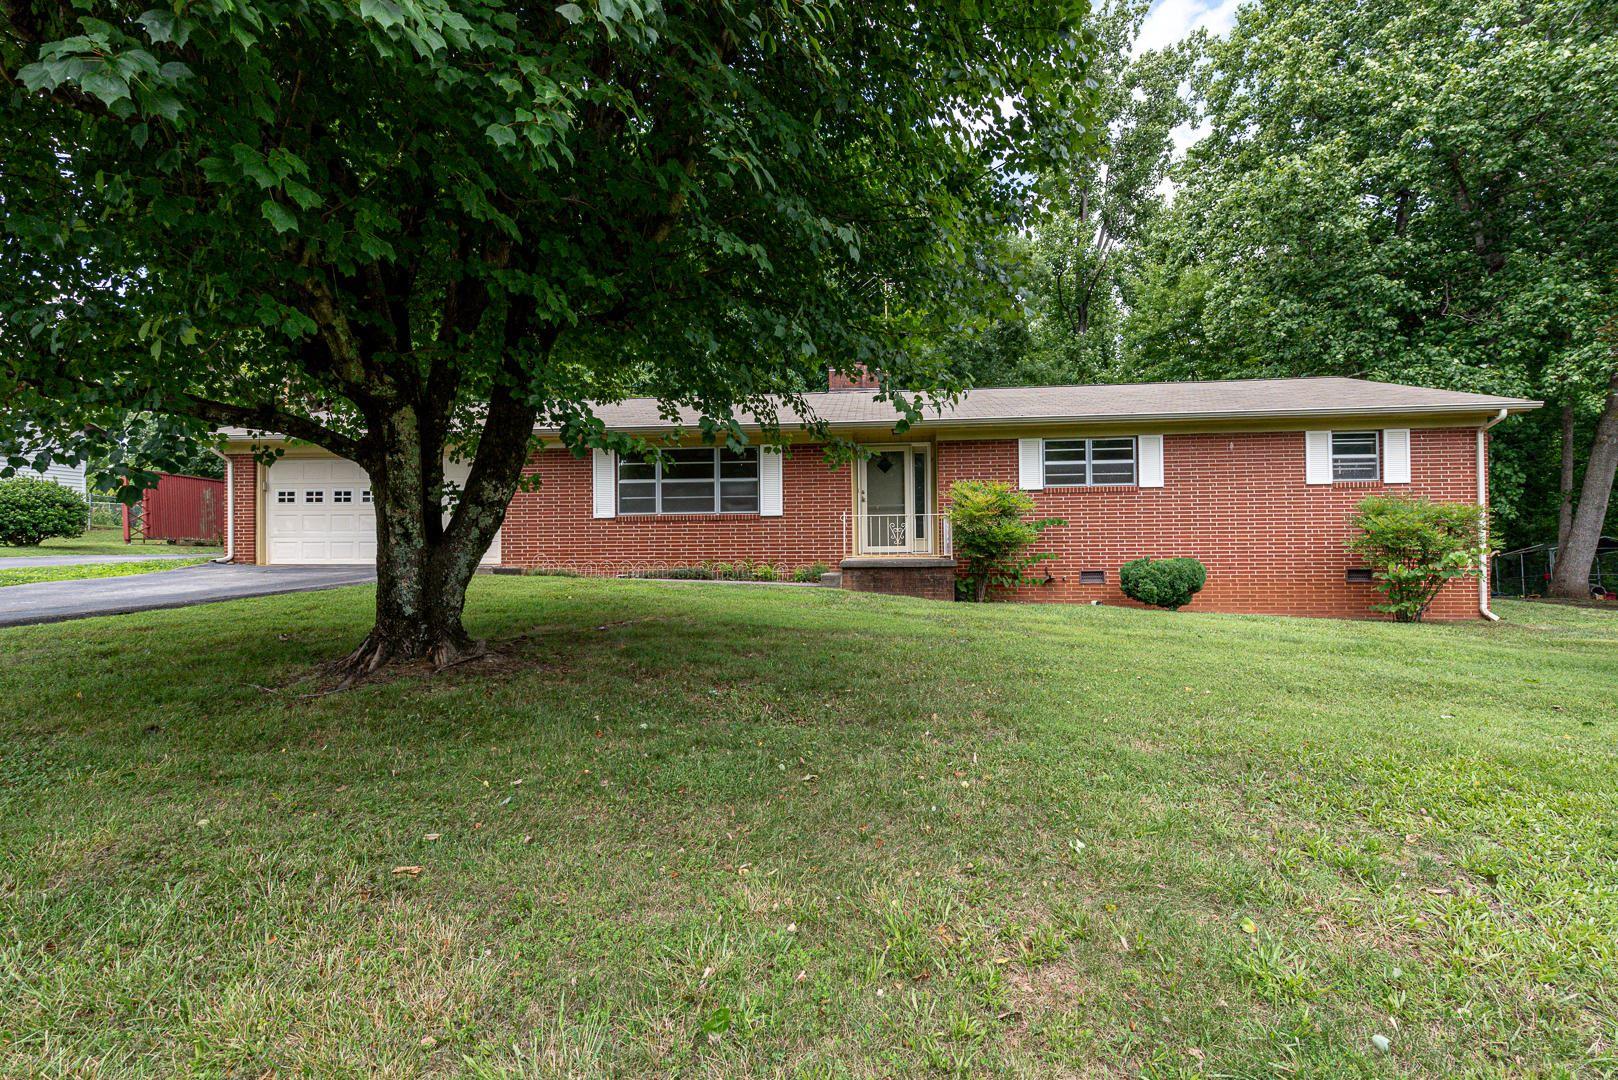 Photo of 2223 Sentell Circle, Maryville, TN 37803 (MLS # 1160324)